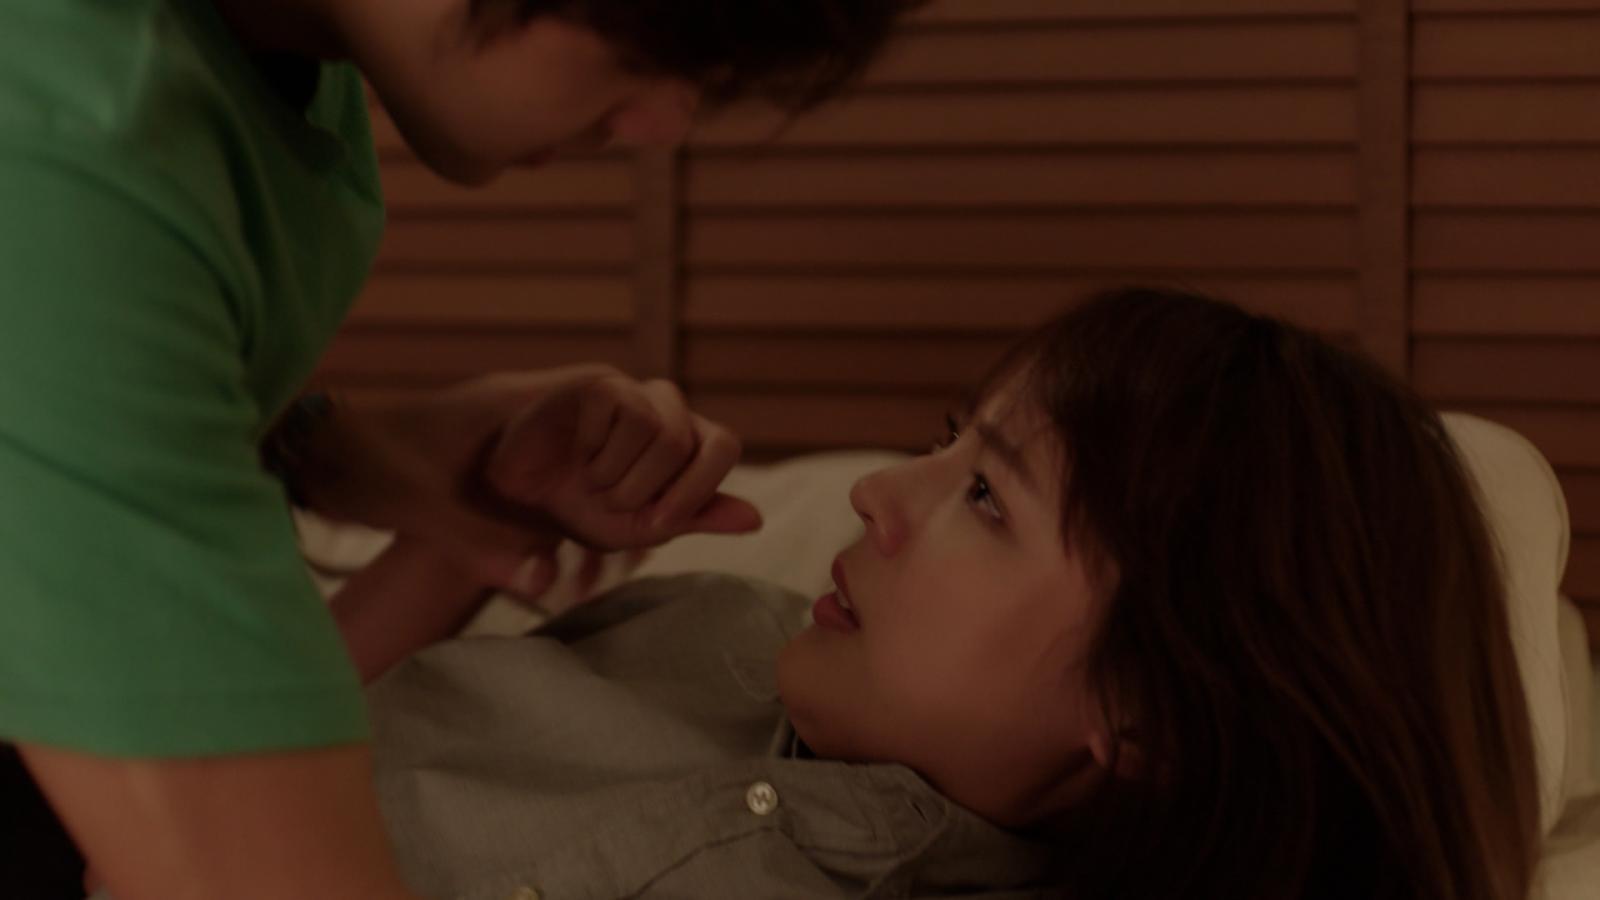 กาลครั้งหนึ่งรักของเรา EP.14 | ฟินสุด | จูบไม่พอขอไปต่อได้มั้ย? | PPTV HD 36